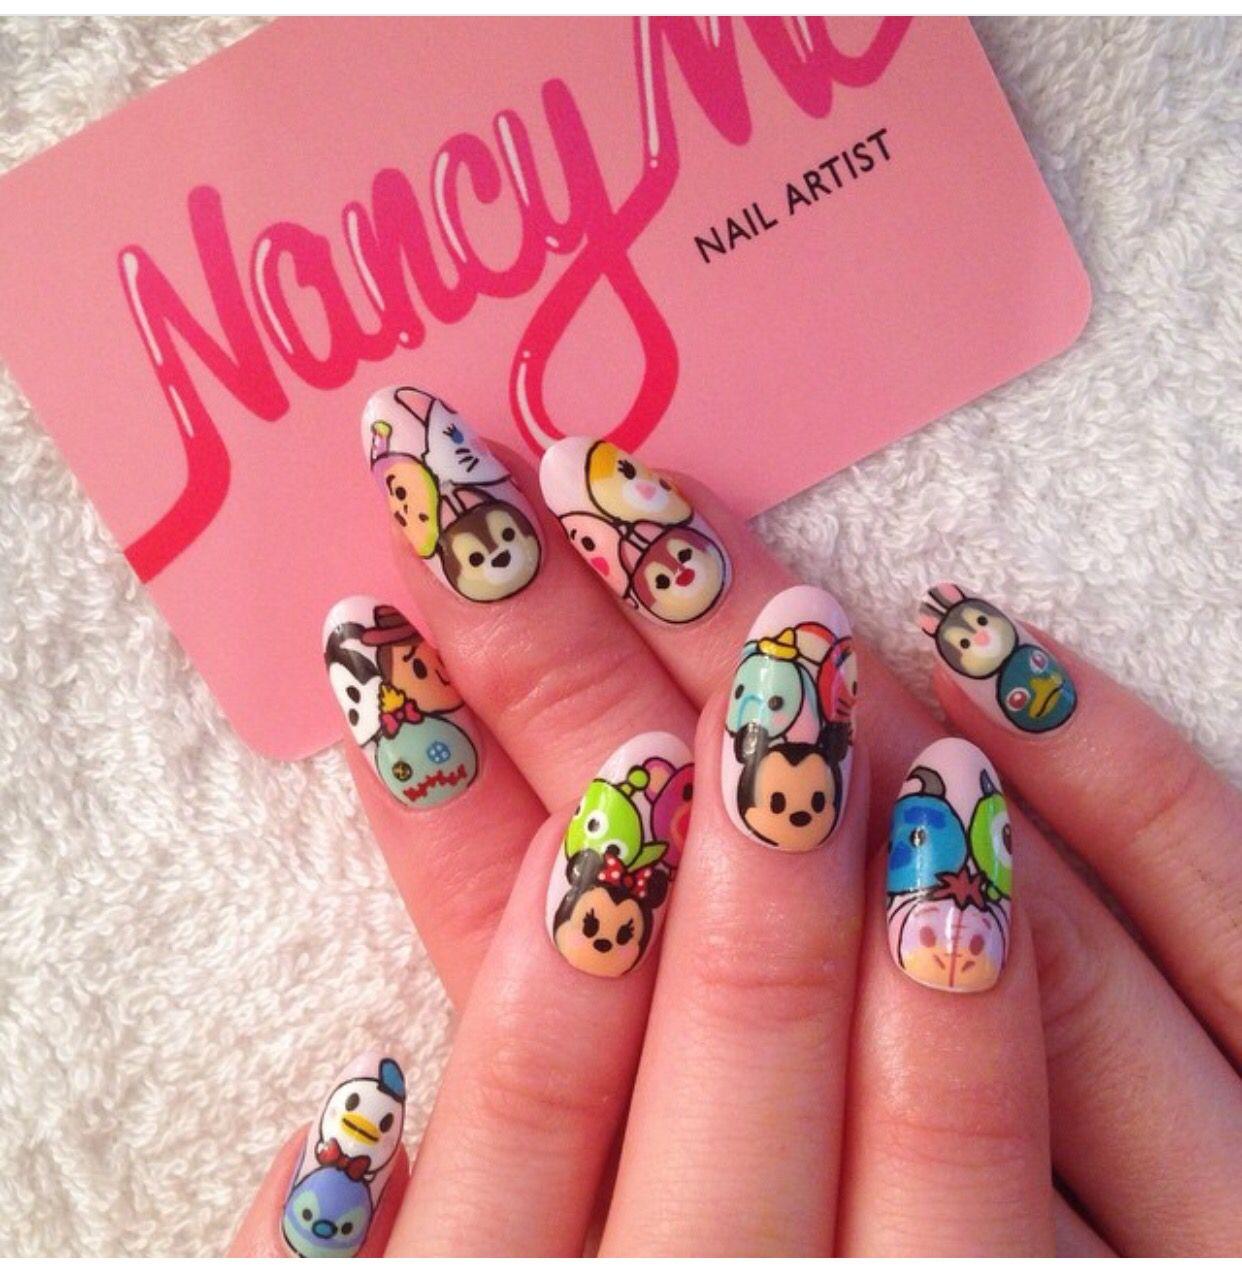 Pin by Lâm Vân on Nails | Pinterest | Disney nails, Disney nail ...